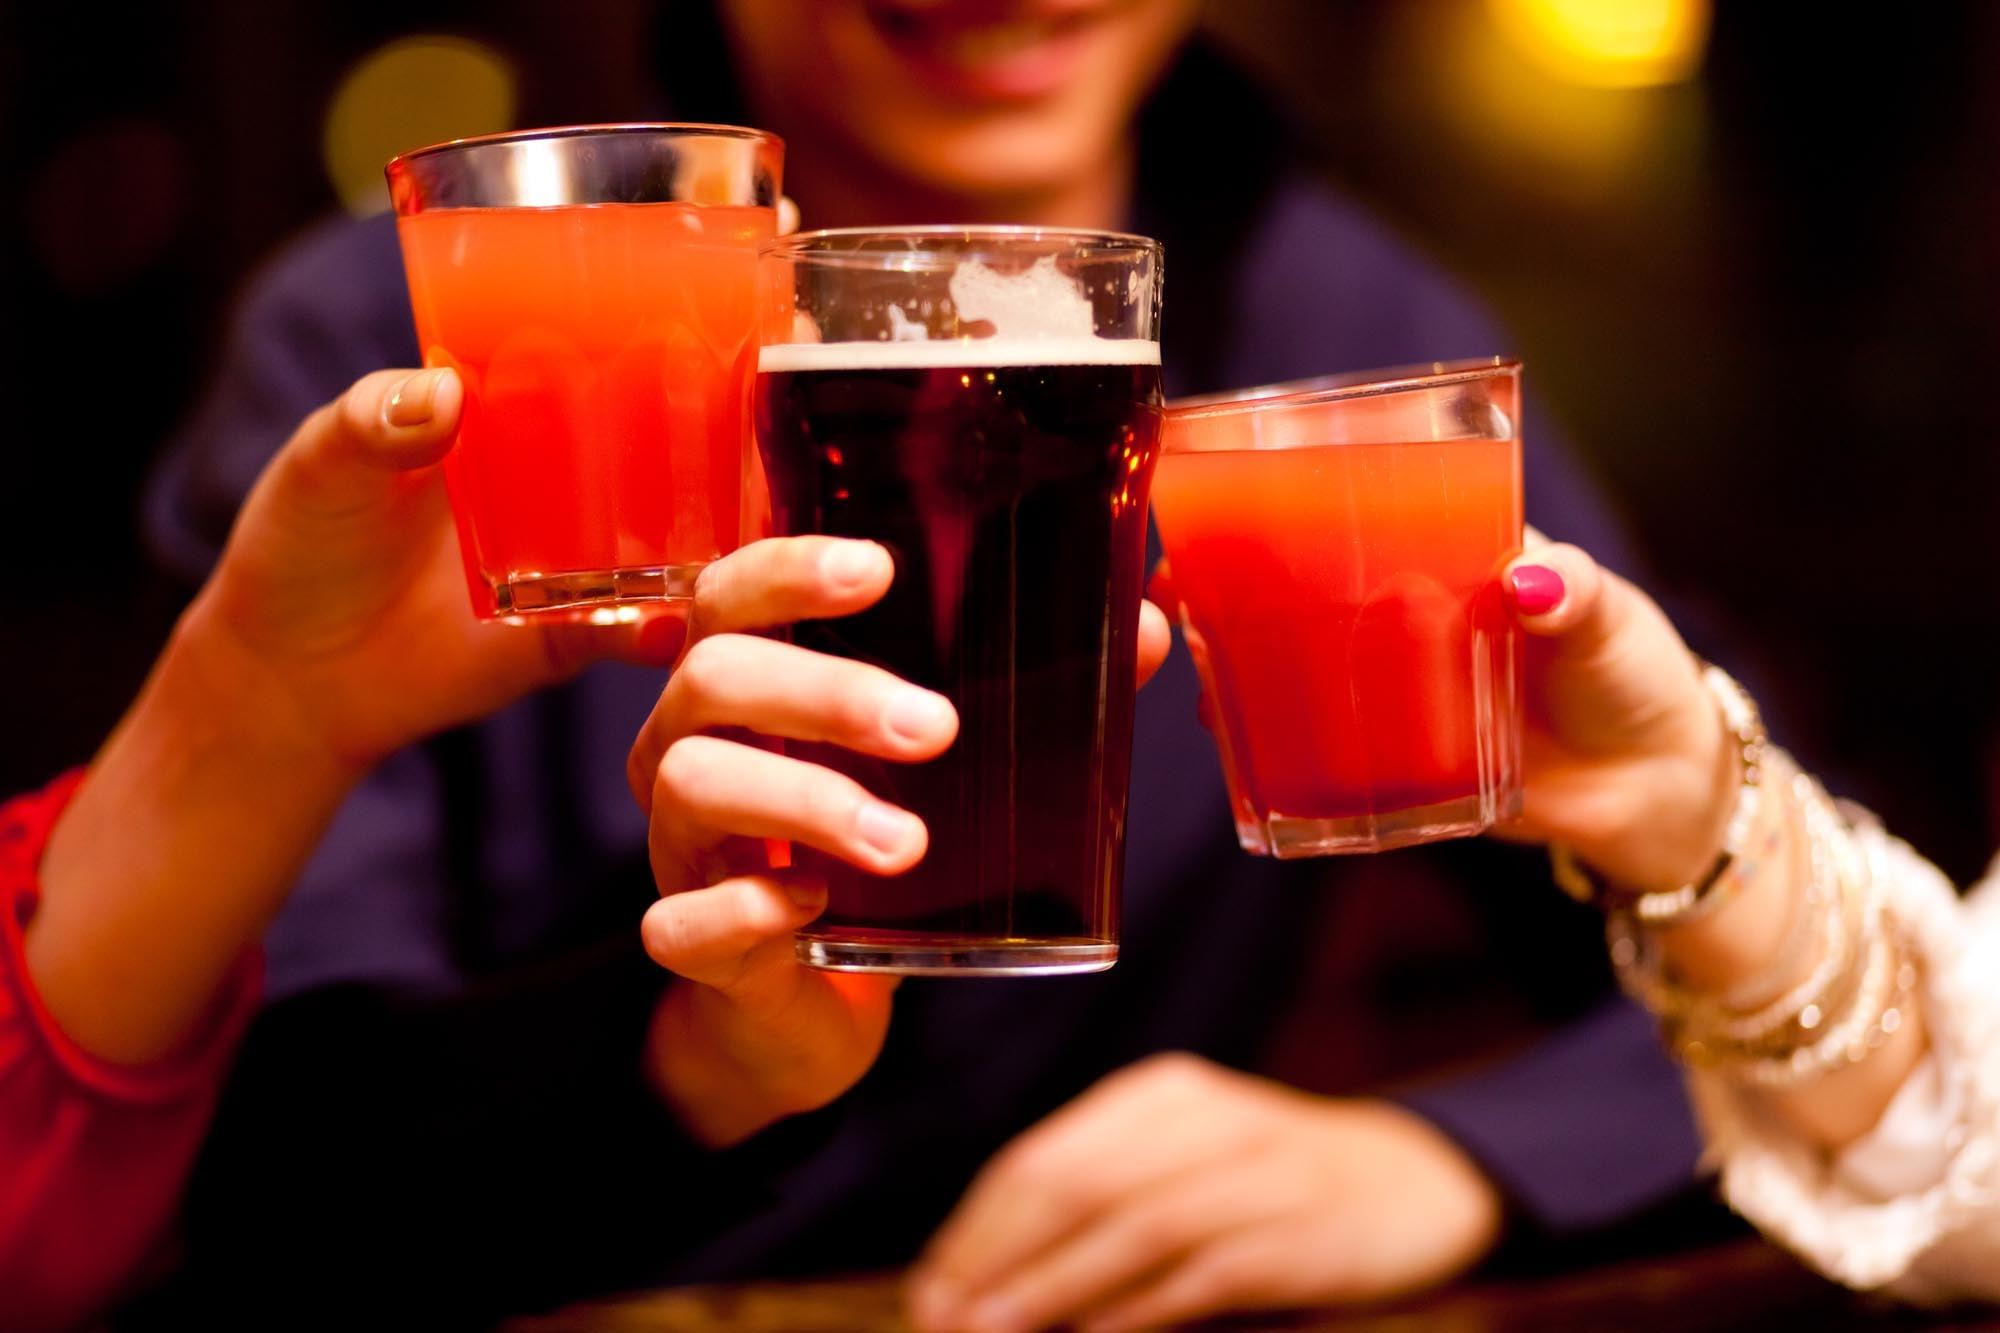 כך תזהו סם אונס במשקה בסילבסטר